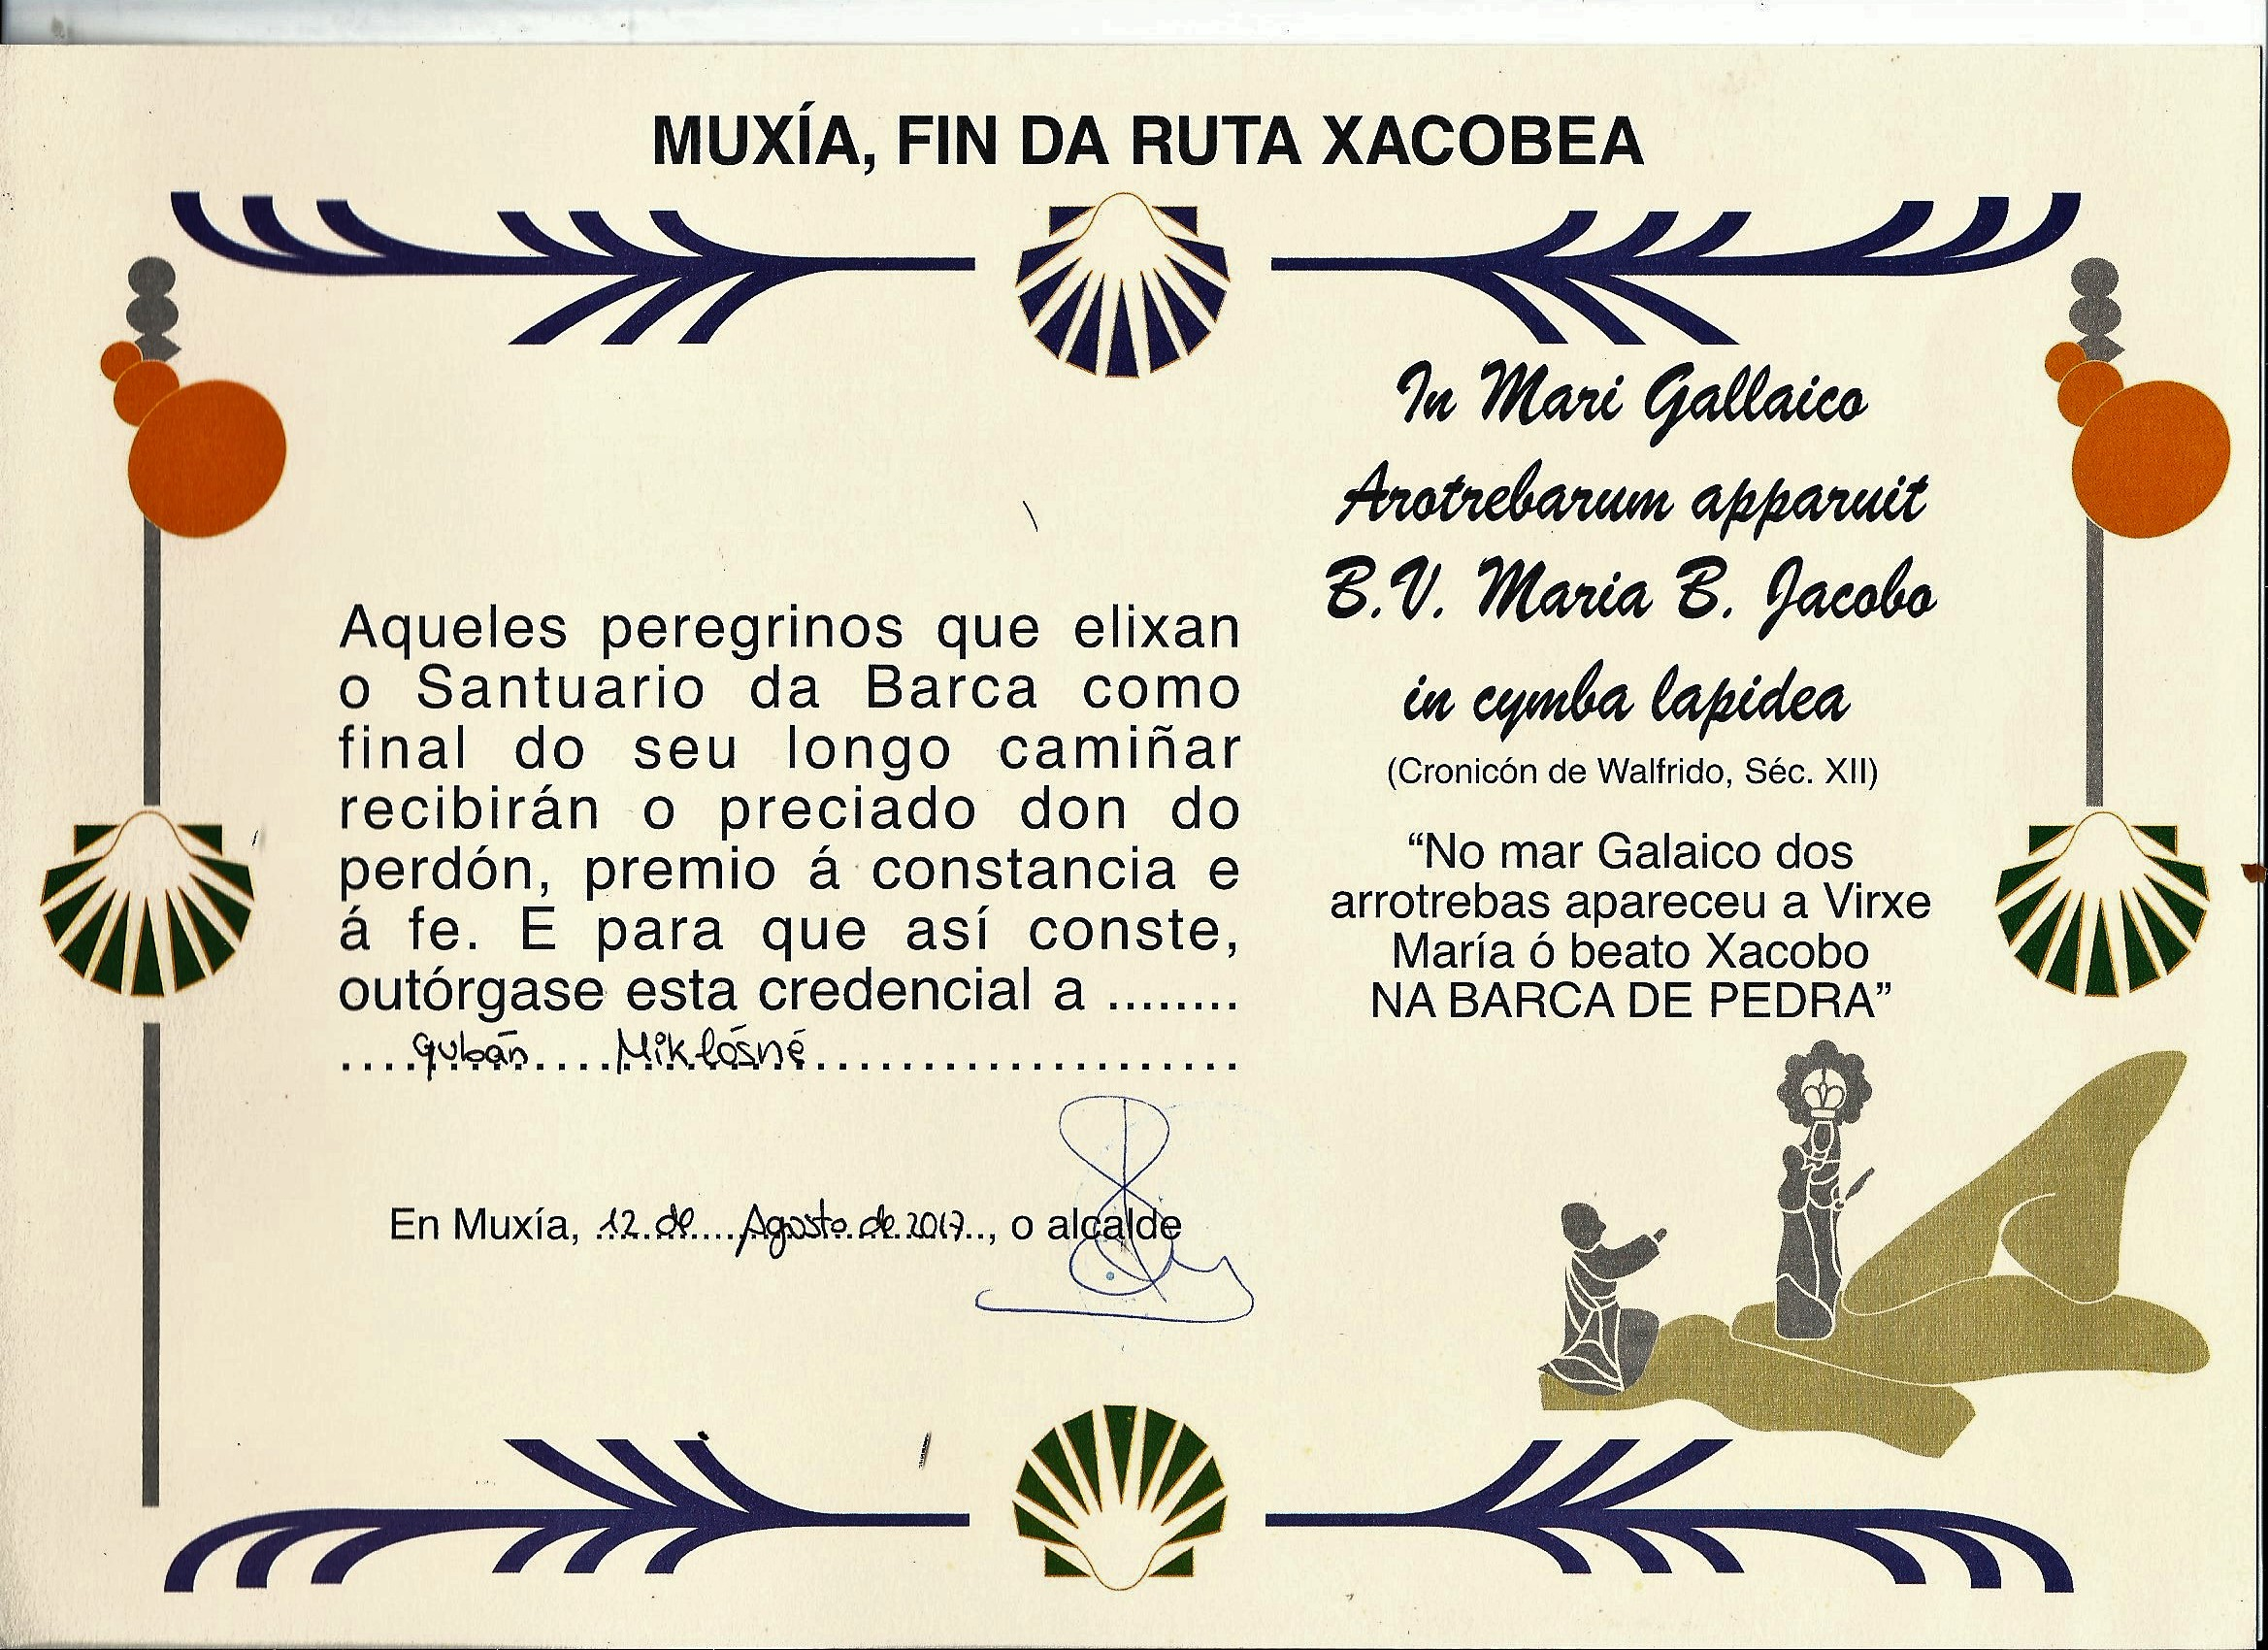 Muxiana